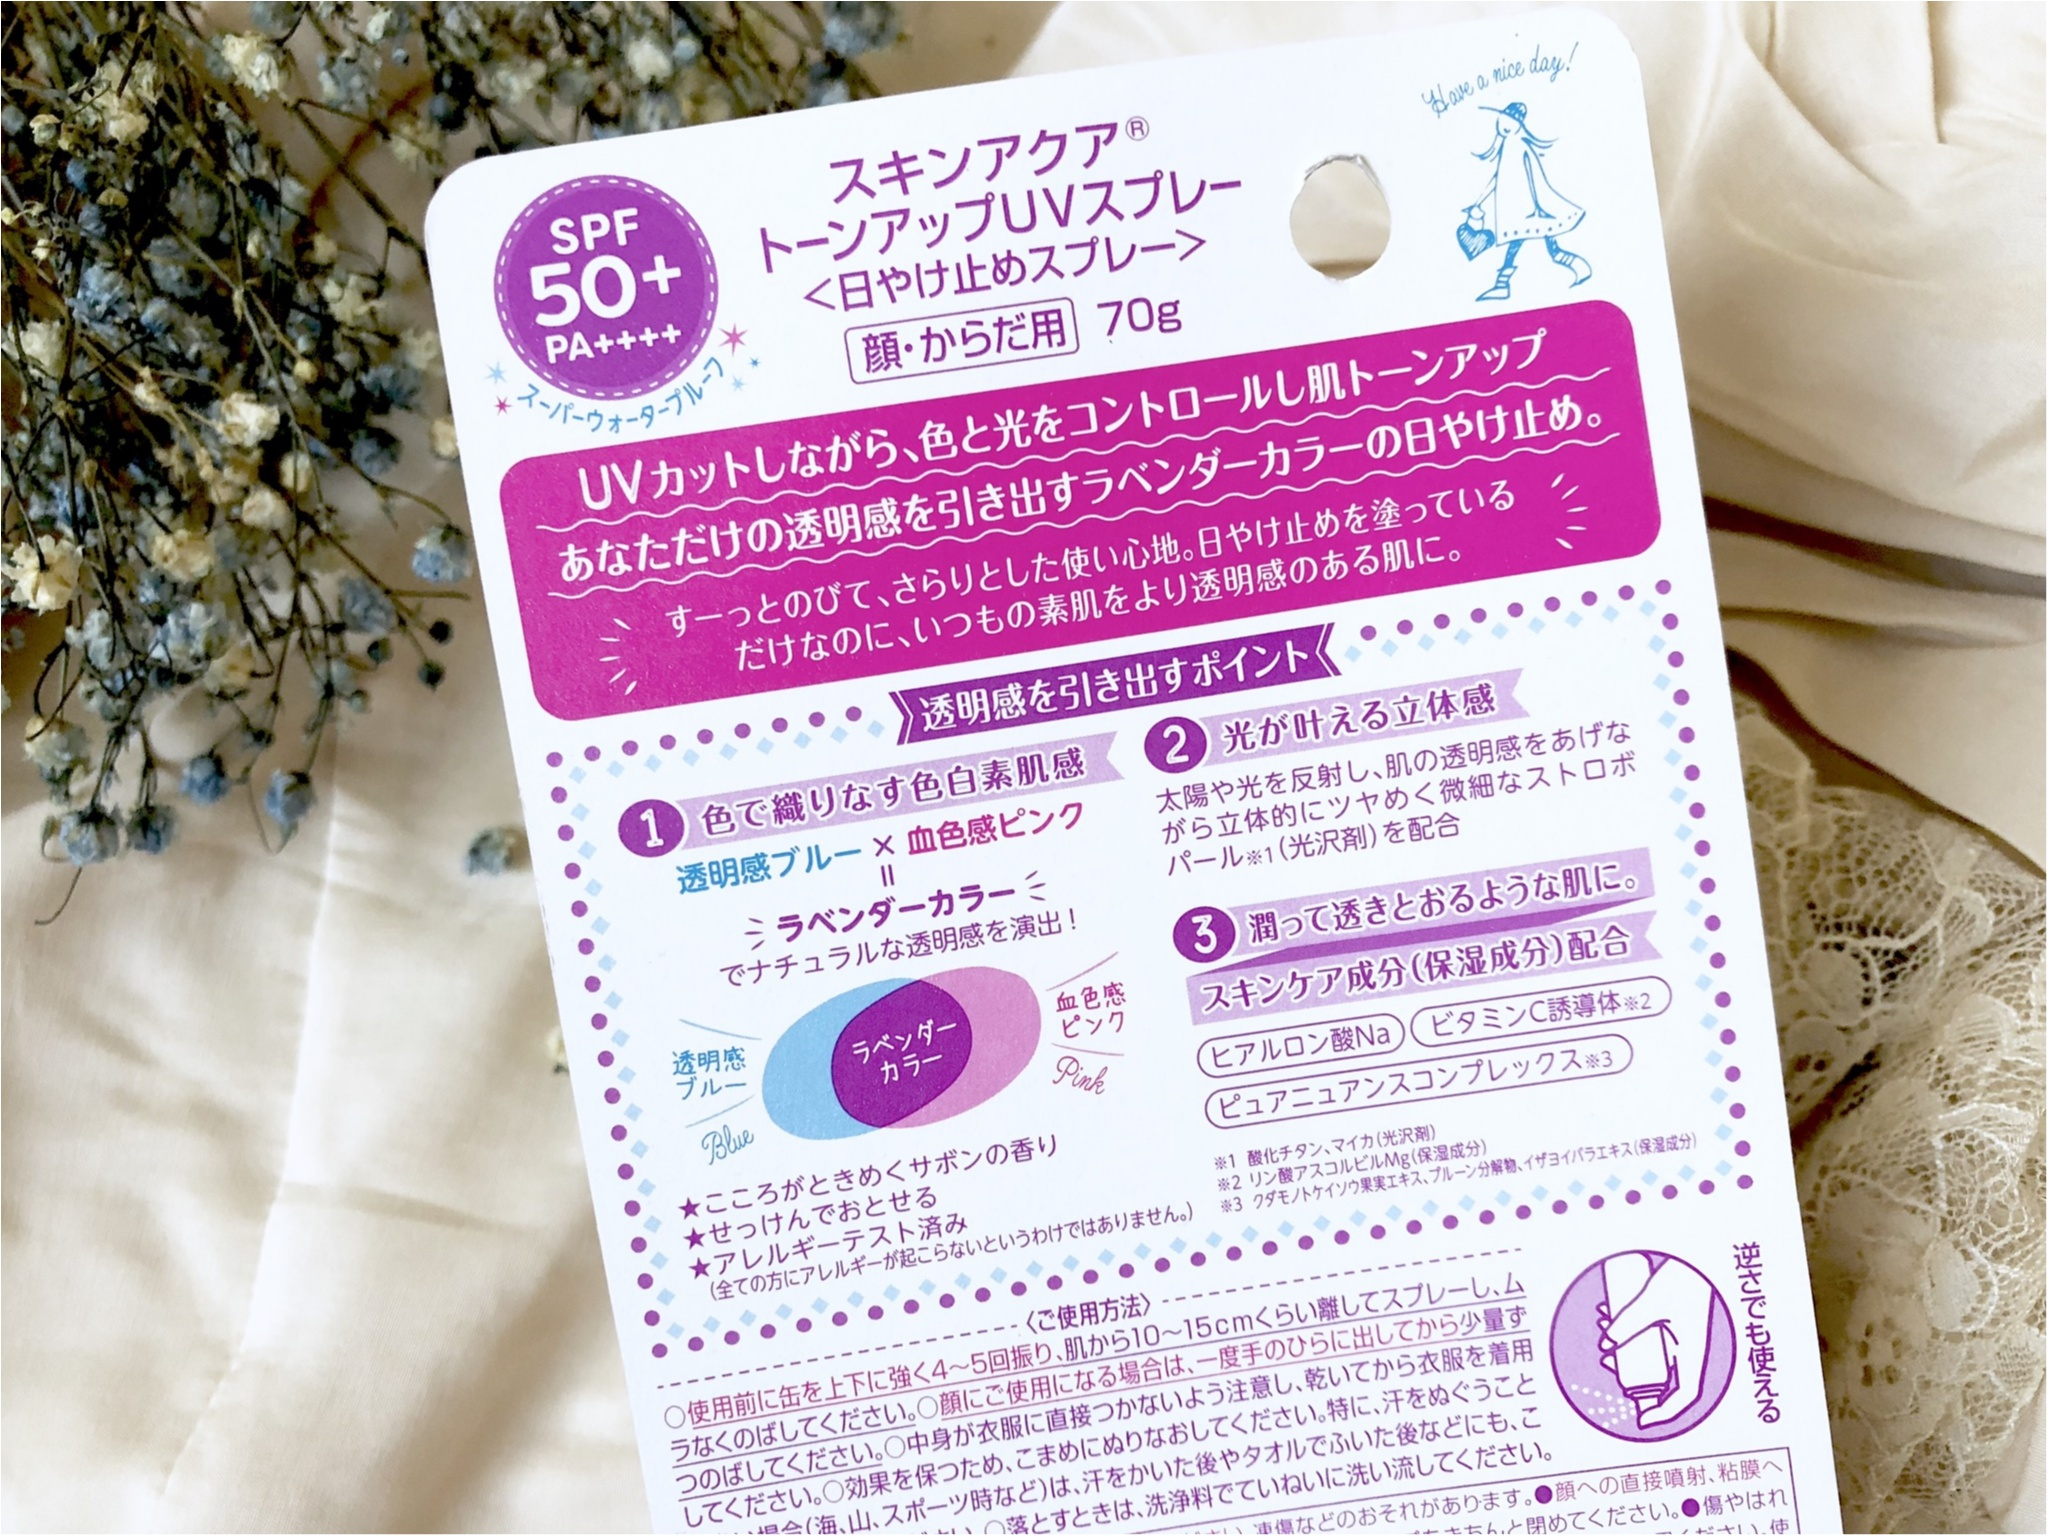 《日焼け止めも+αの時代!》シューっとひとふき❤️【SKINAQUA】で紫外線を防ぎつつ透明美肌に✨_3